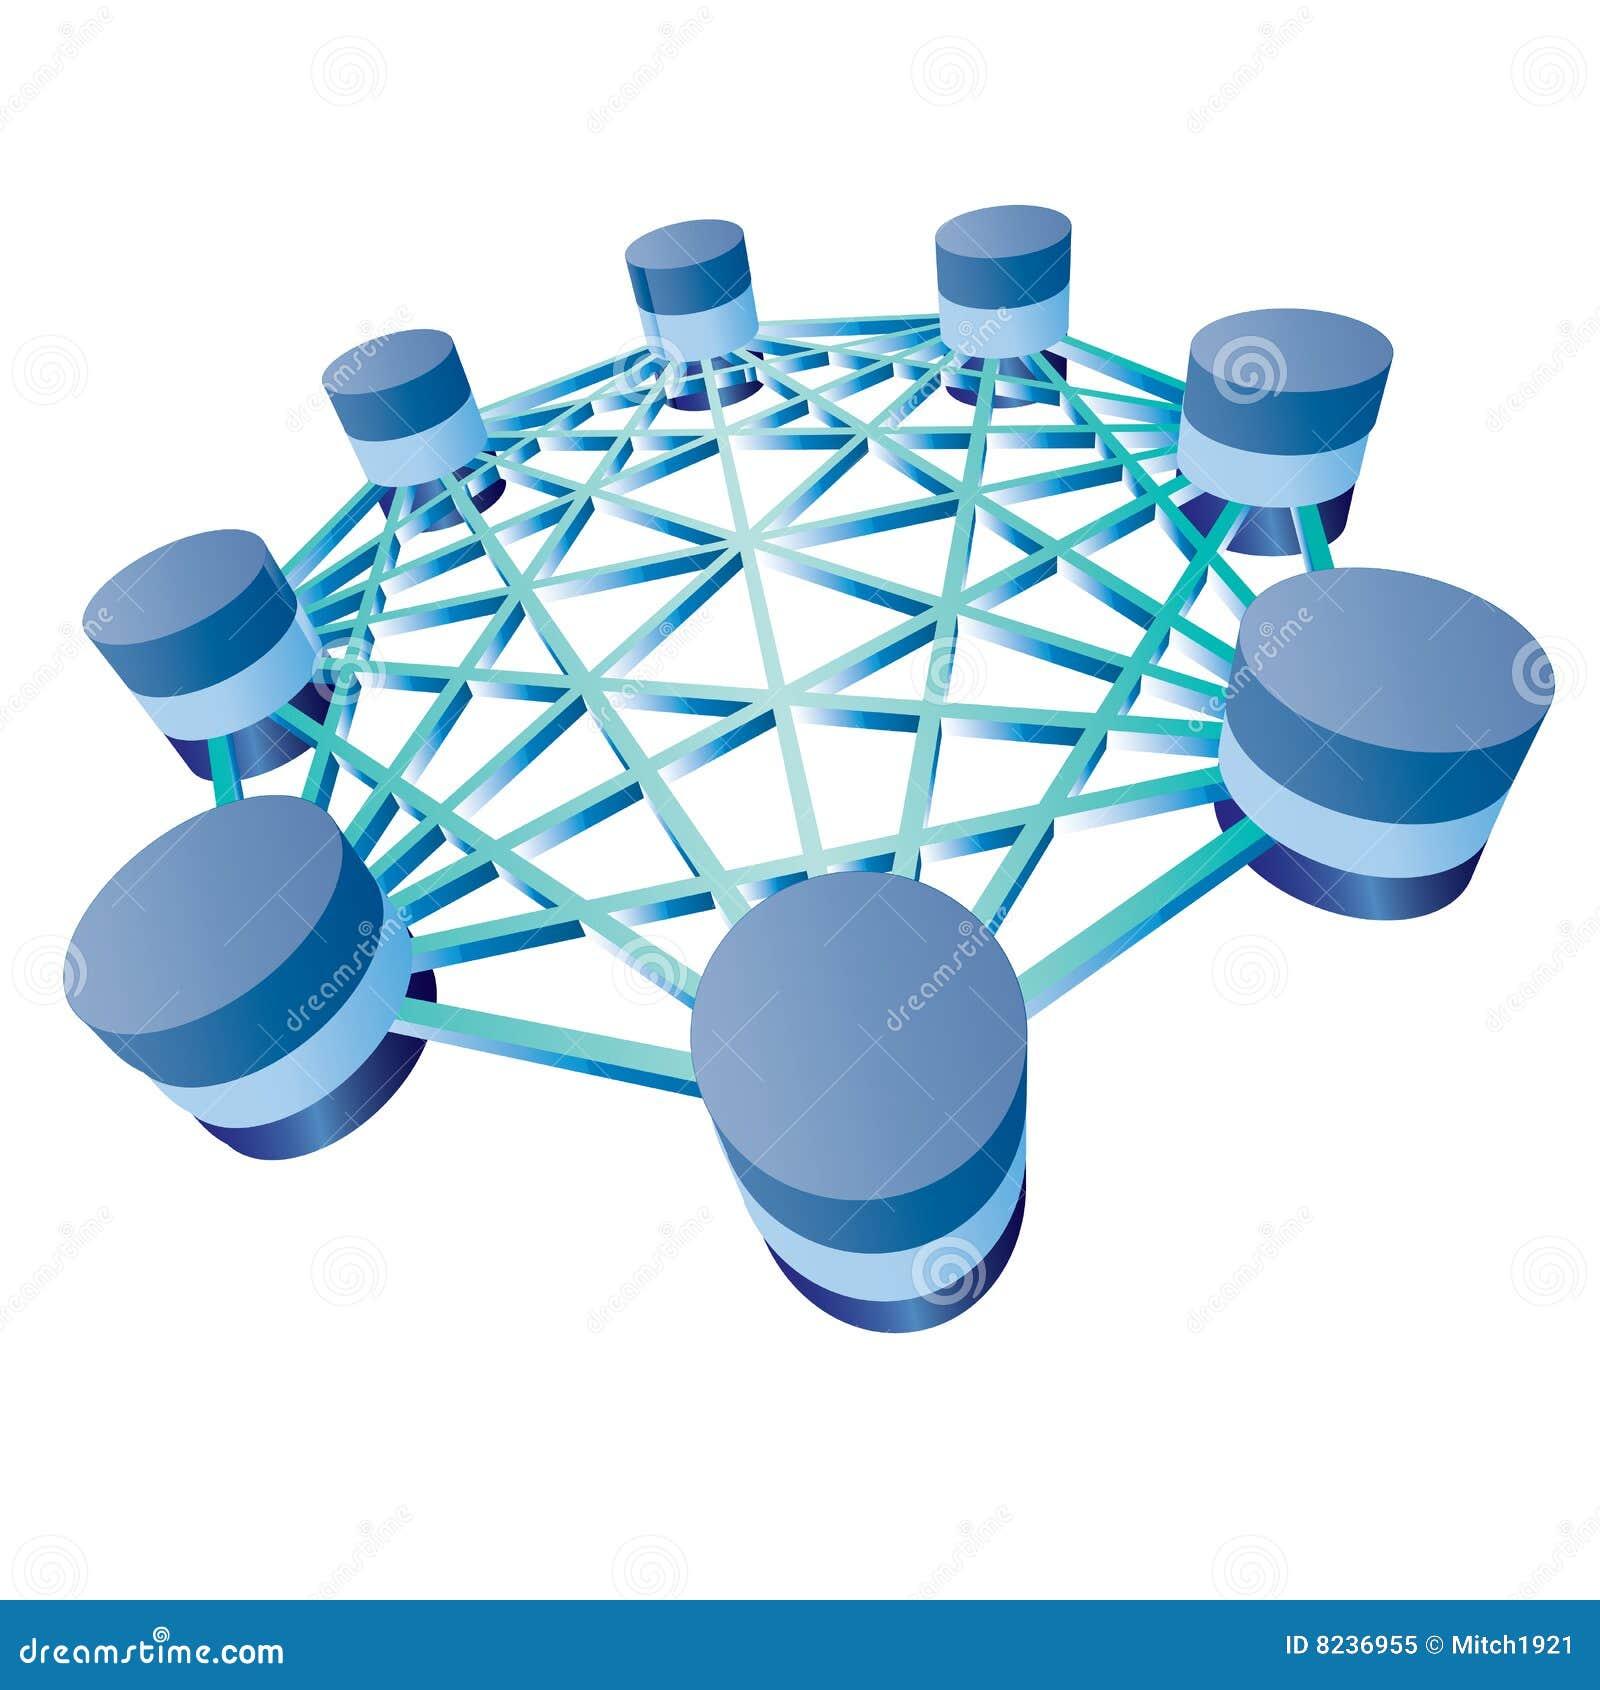 Database Royalty Free Stock Photo - Image: 8236955